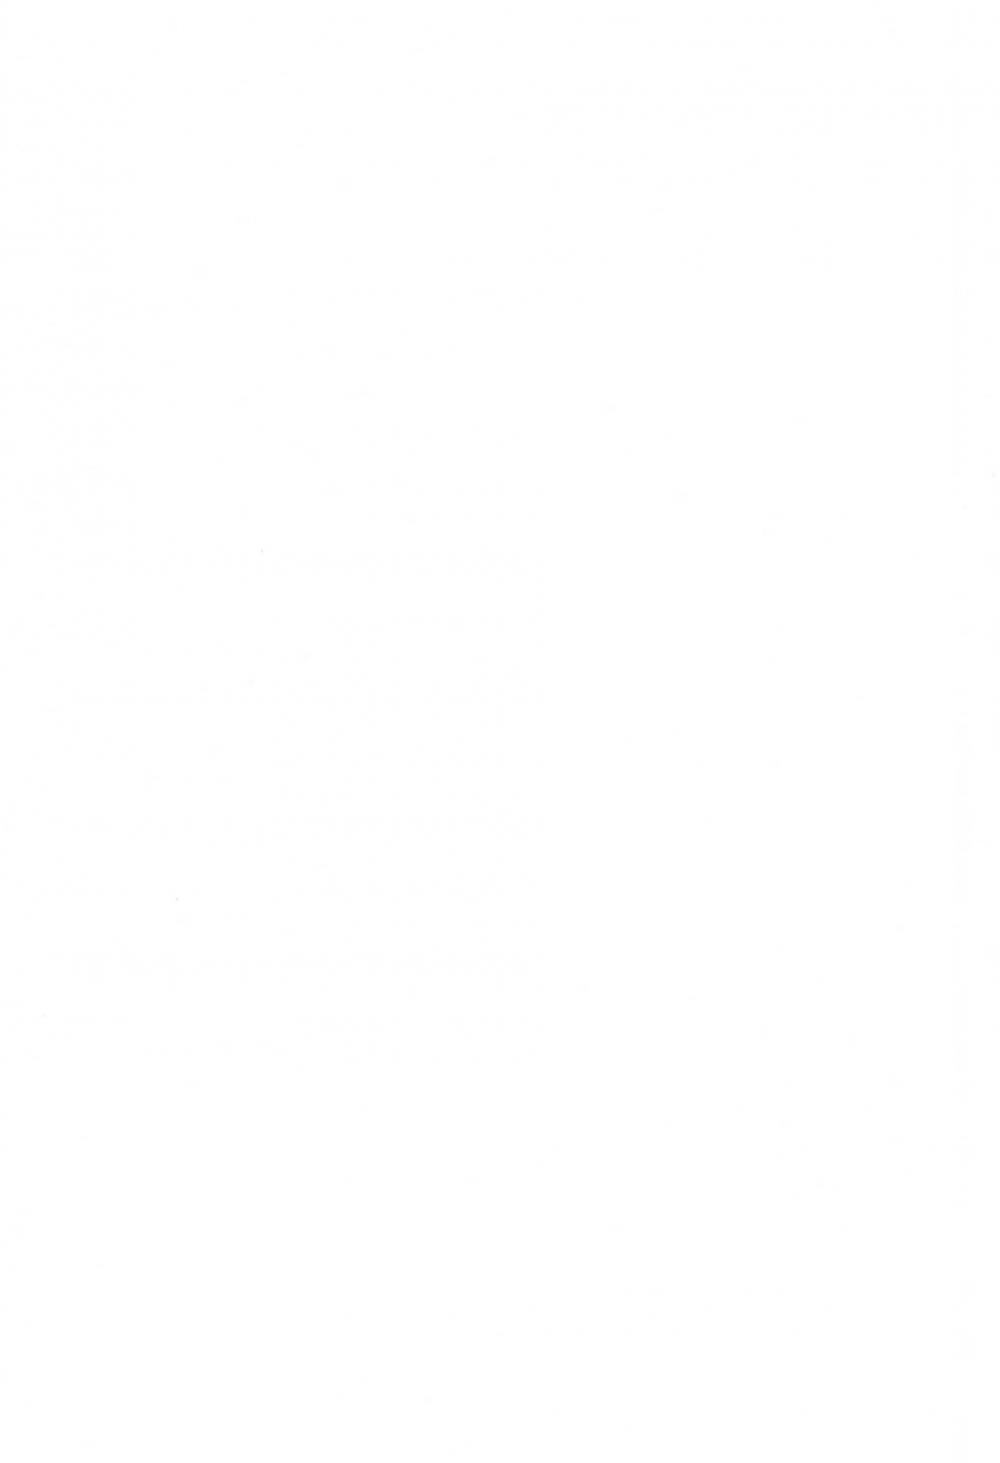 Український правопис у таблицях і схемах. Авт: Чукіна В. Вид-во: Логос. купити  1